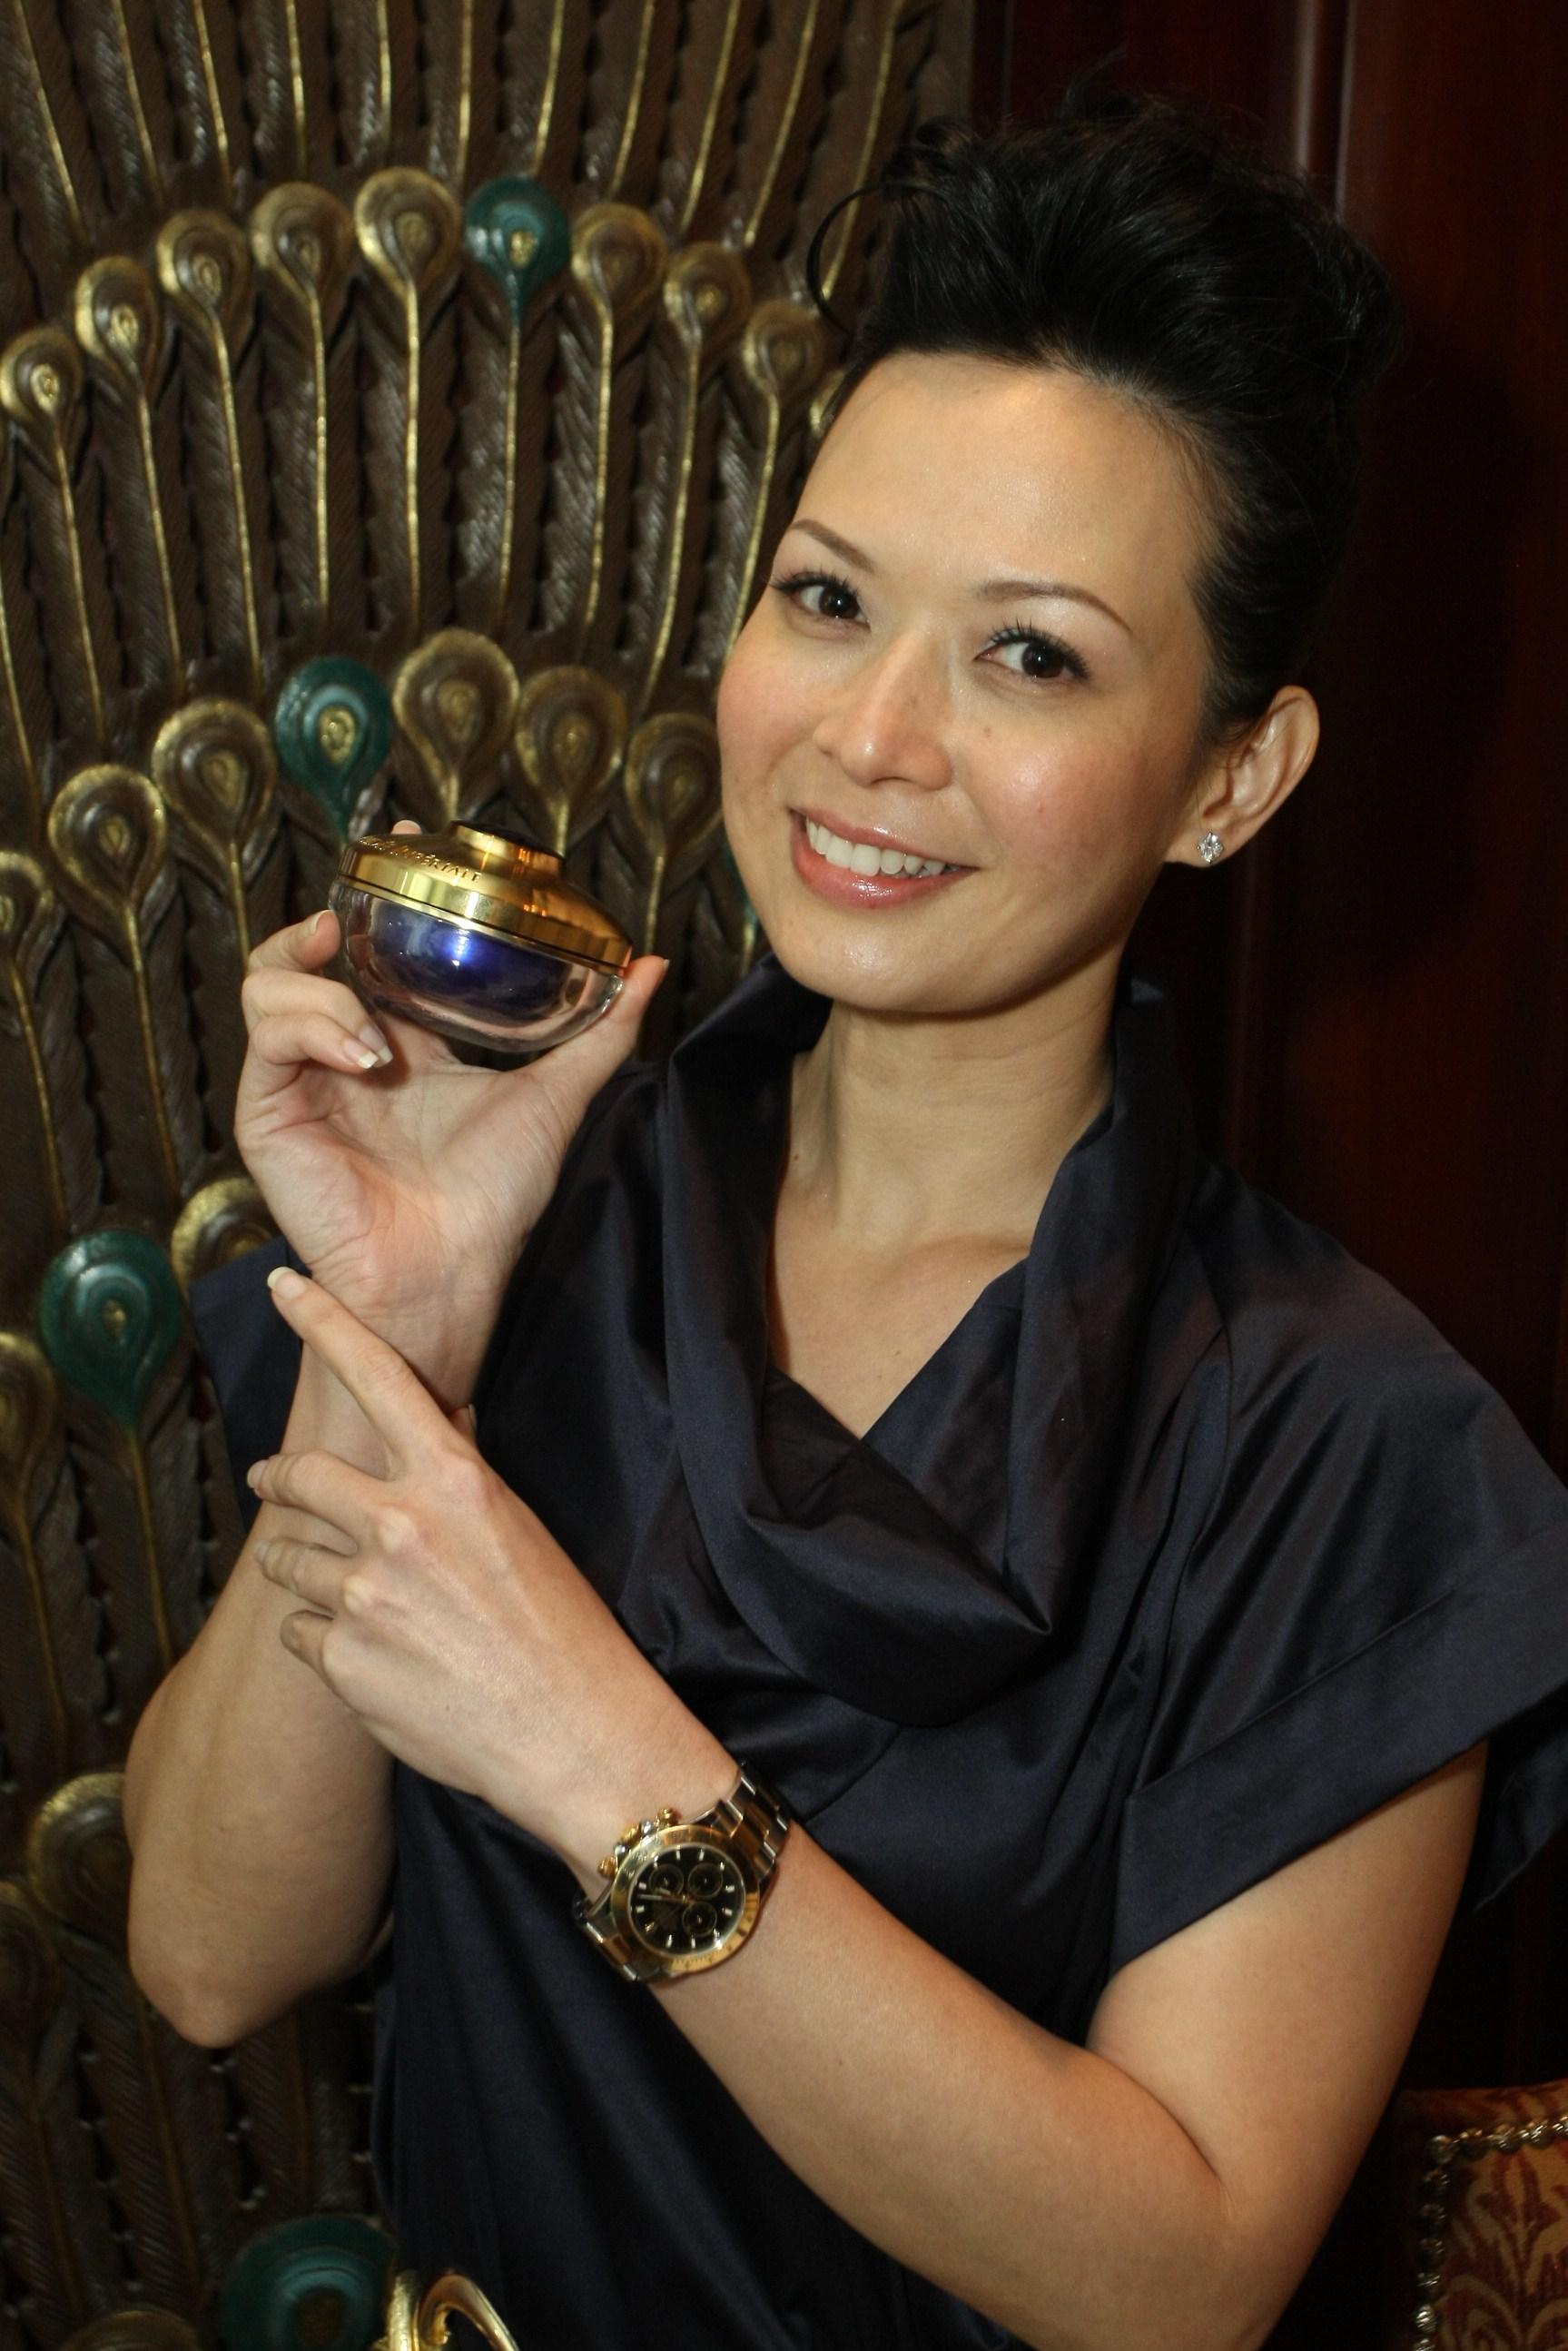 andrea de cruz chinese is a singaporean actress of eurasian